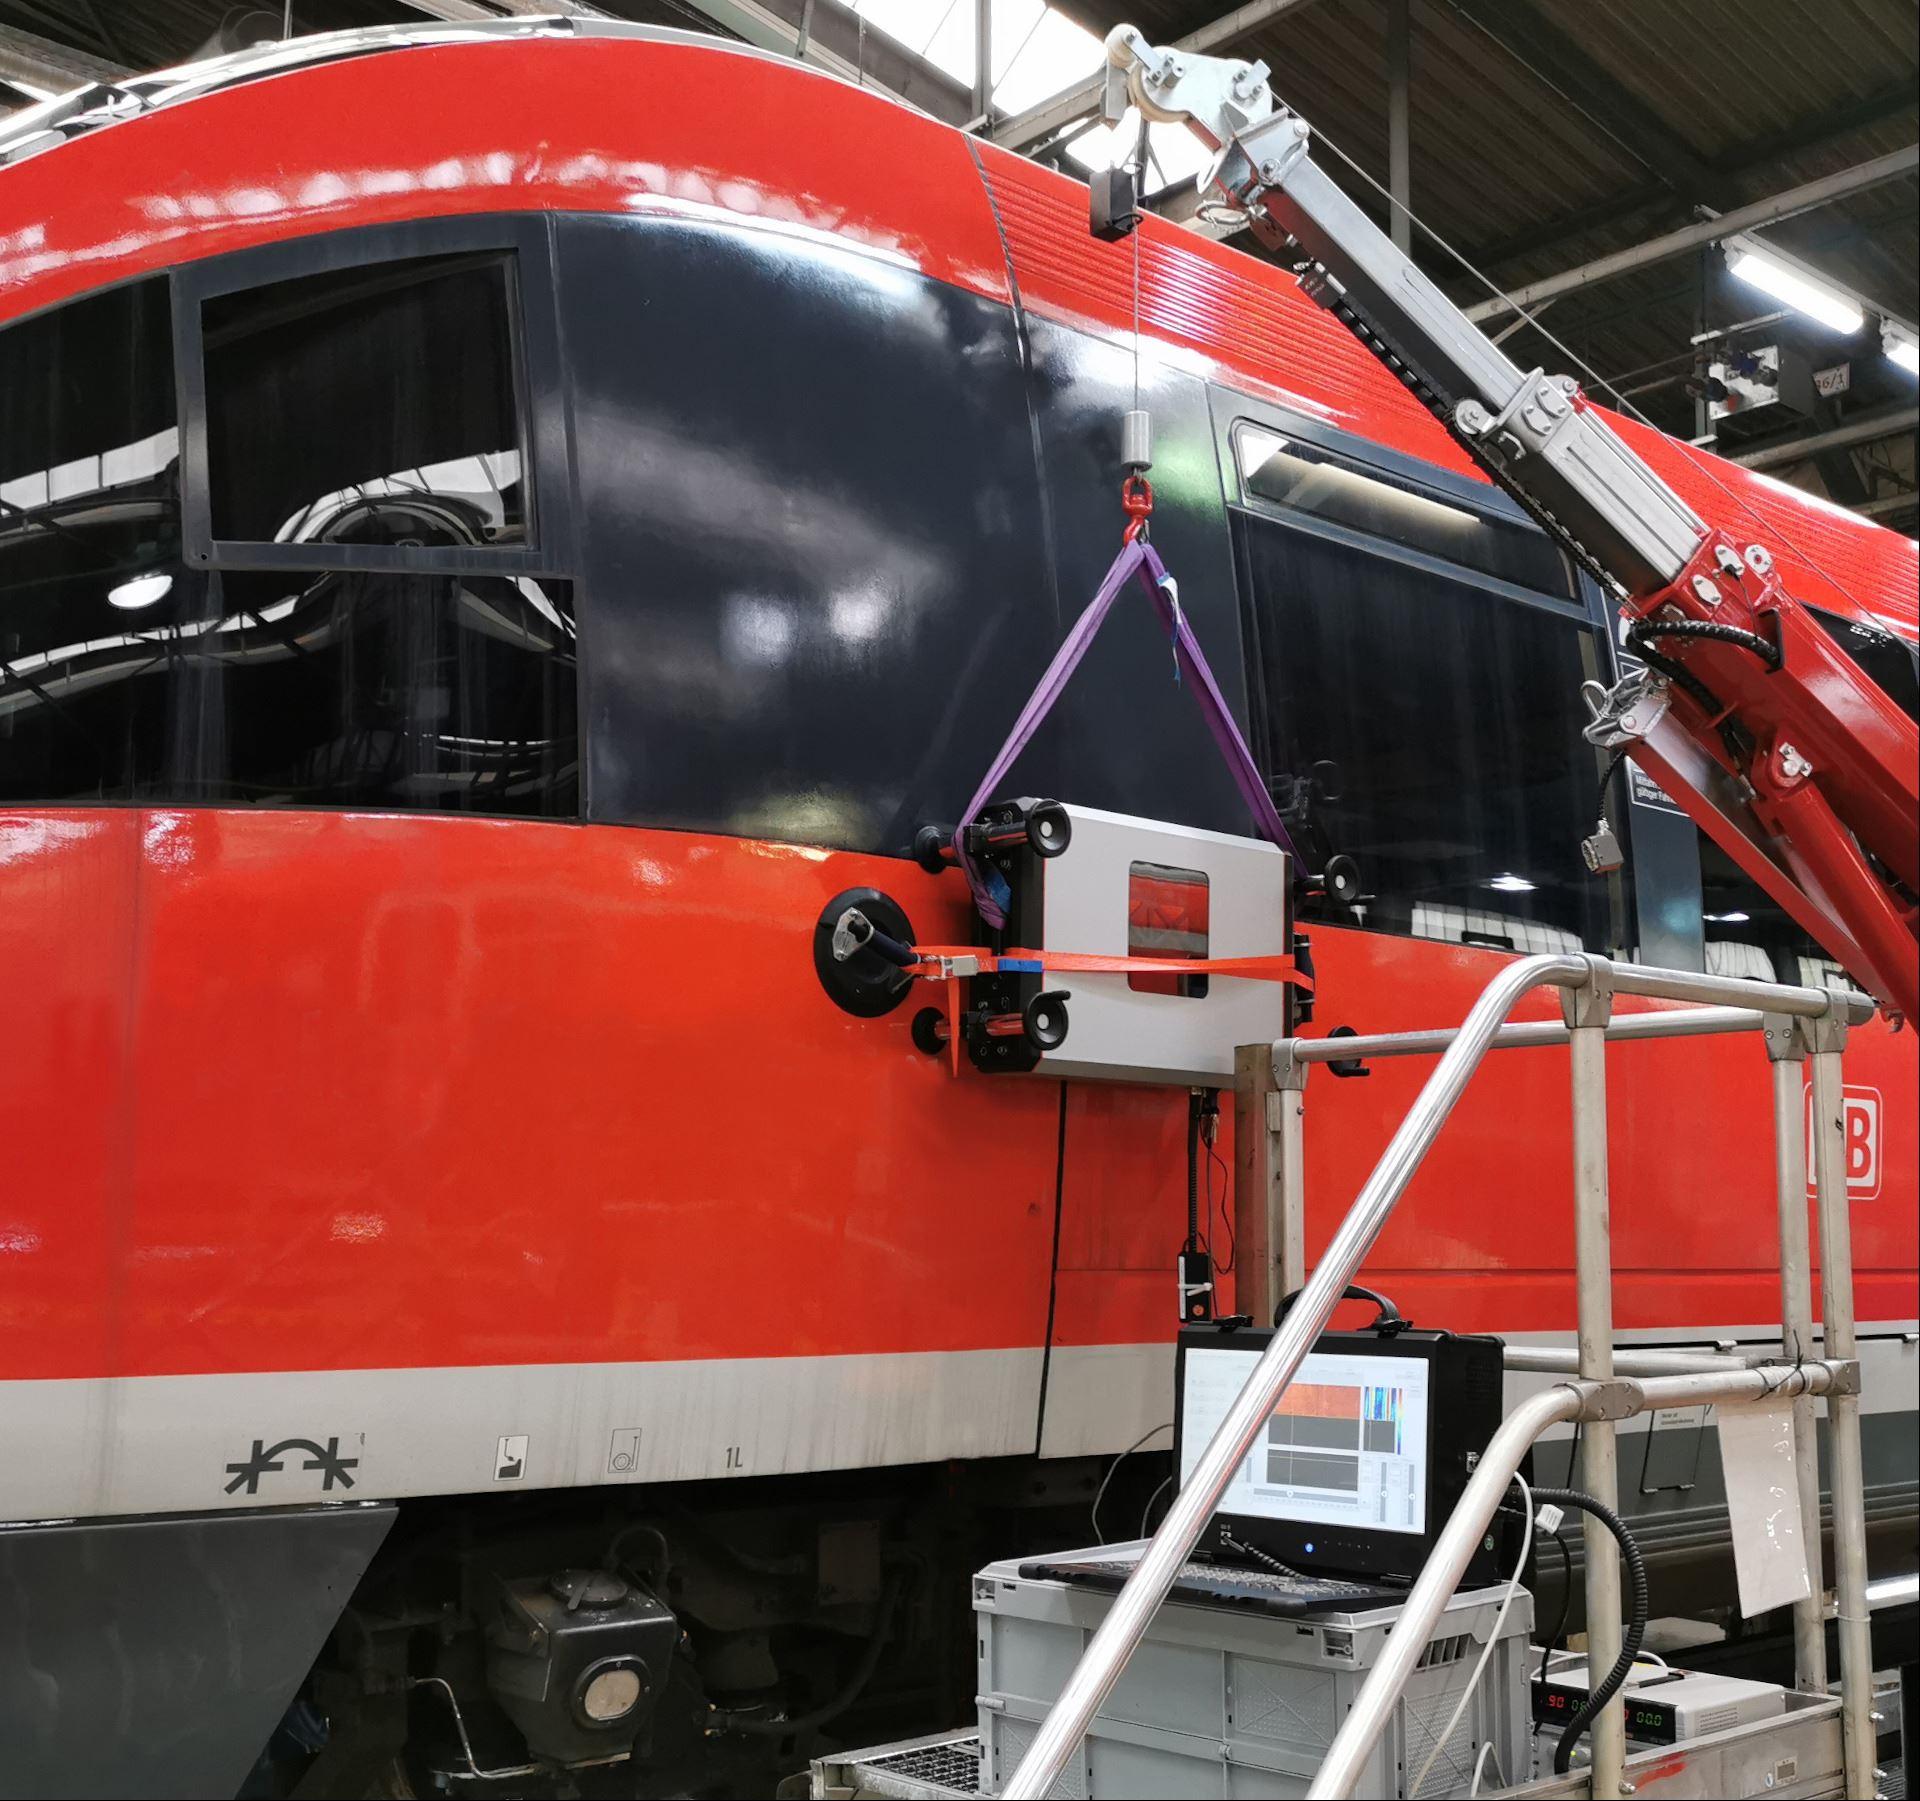 Kompakter Terahertz-Scanner z. B. zur Untersuchung eines Schienenfahrzeugs (Quelle: Fraunhofer ITWM)